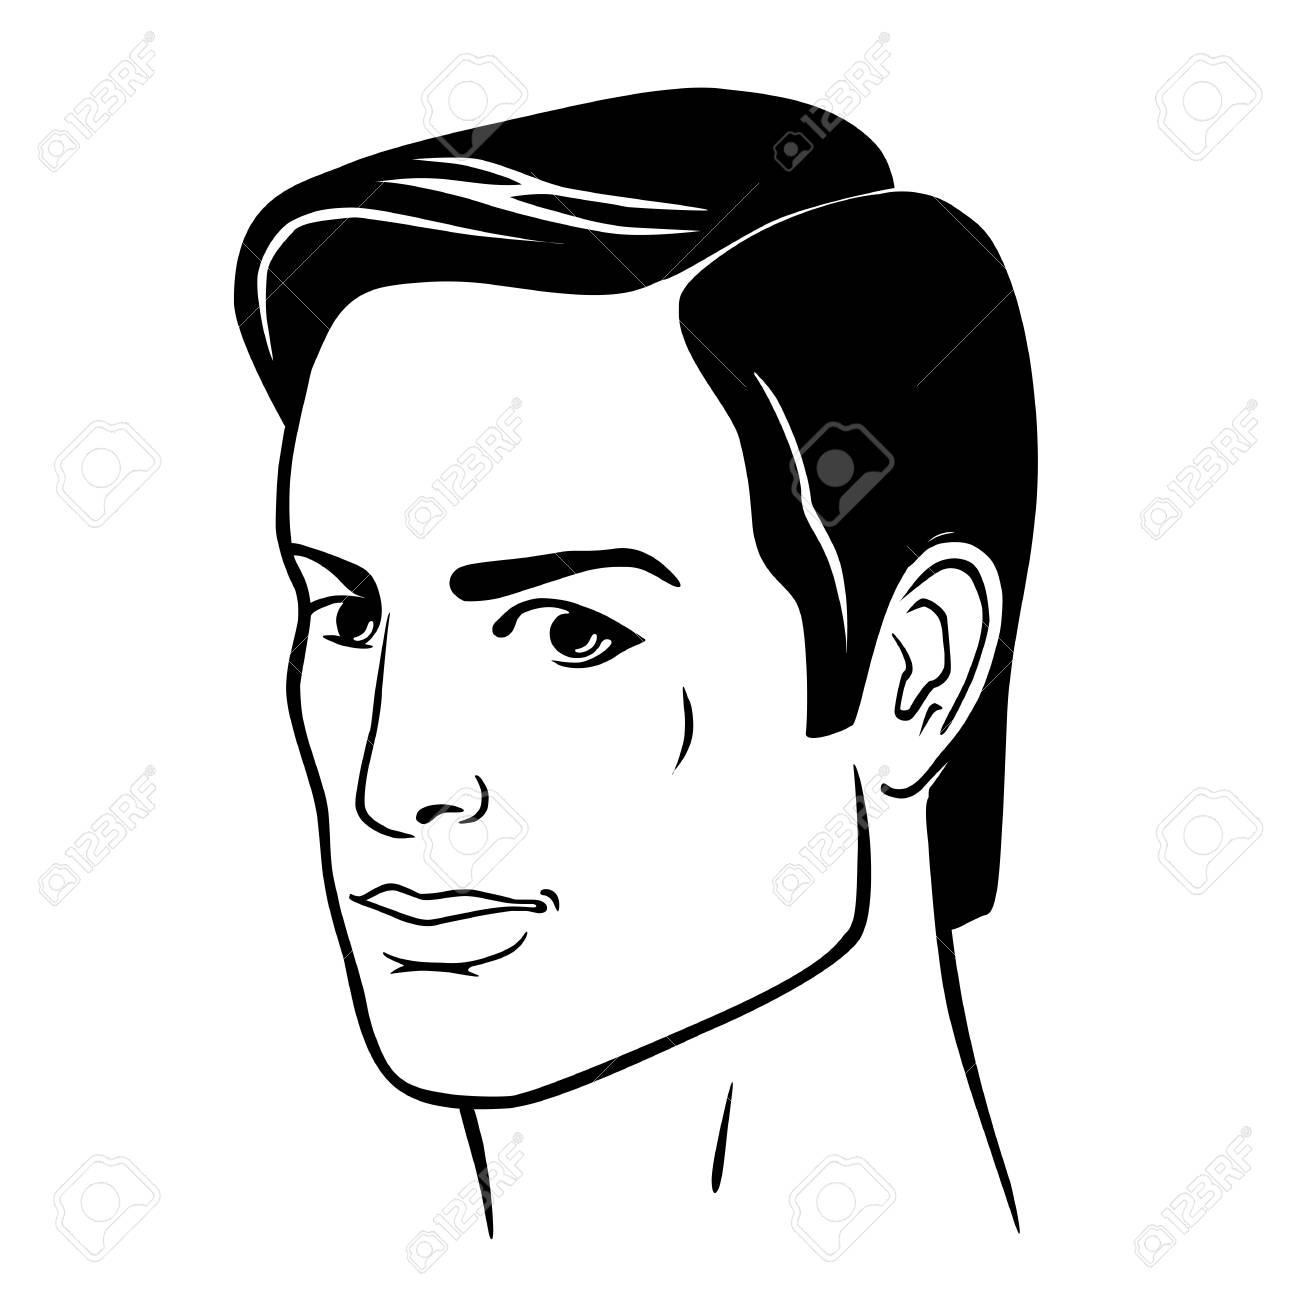 Front De Tete De Coiffure Homme Illustration Vectorielle Isole Sur Fond Blanc Clip Art Libres De Droits Vecteurs Et Illustration Image 88653208